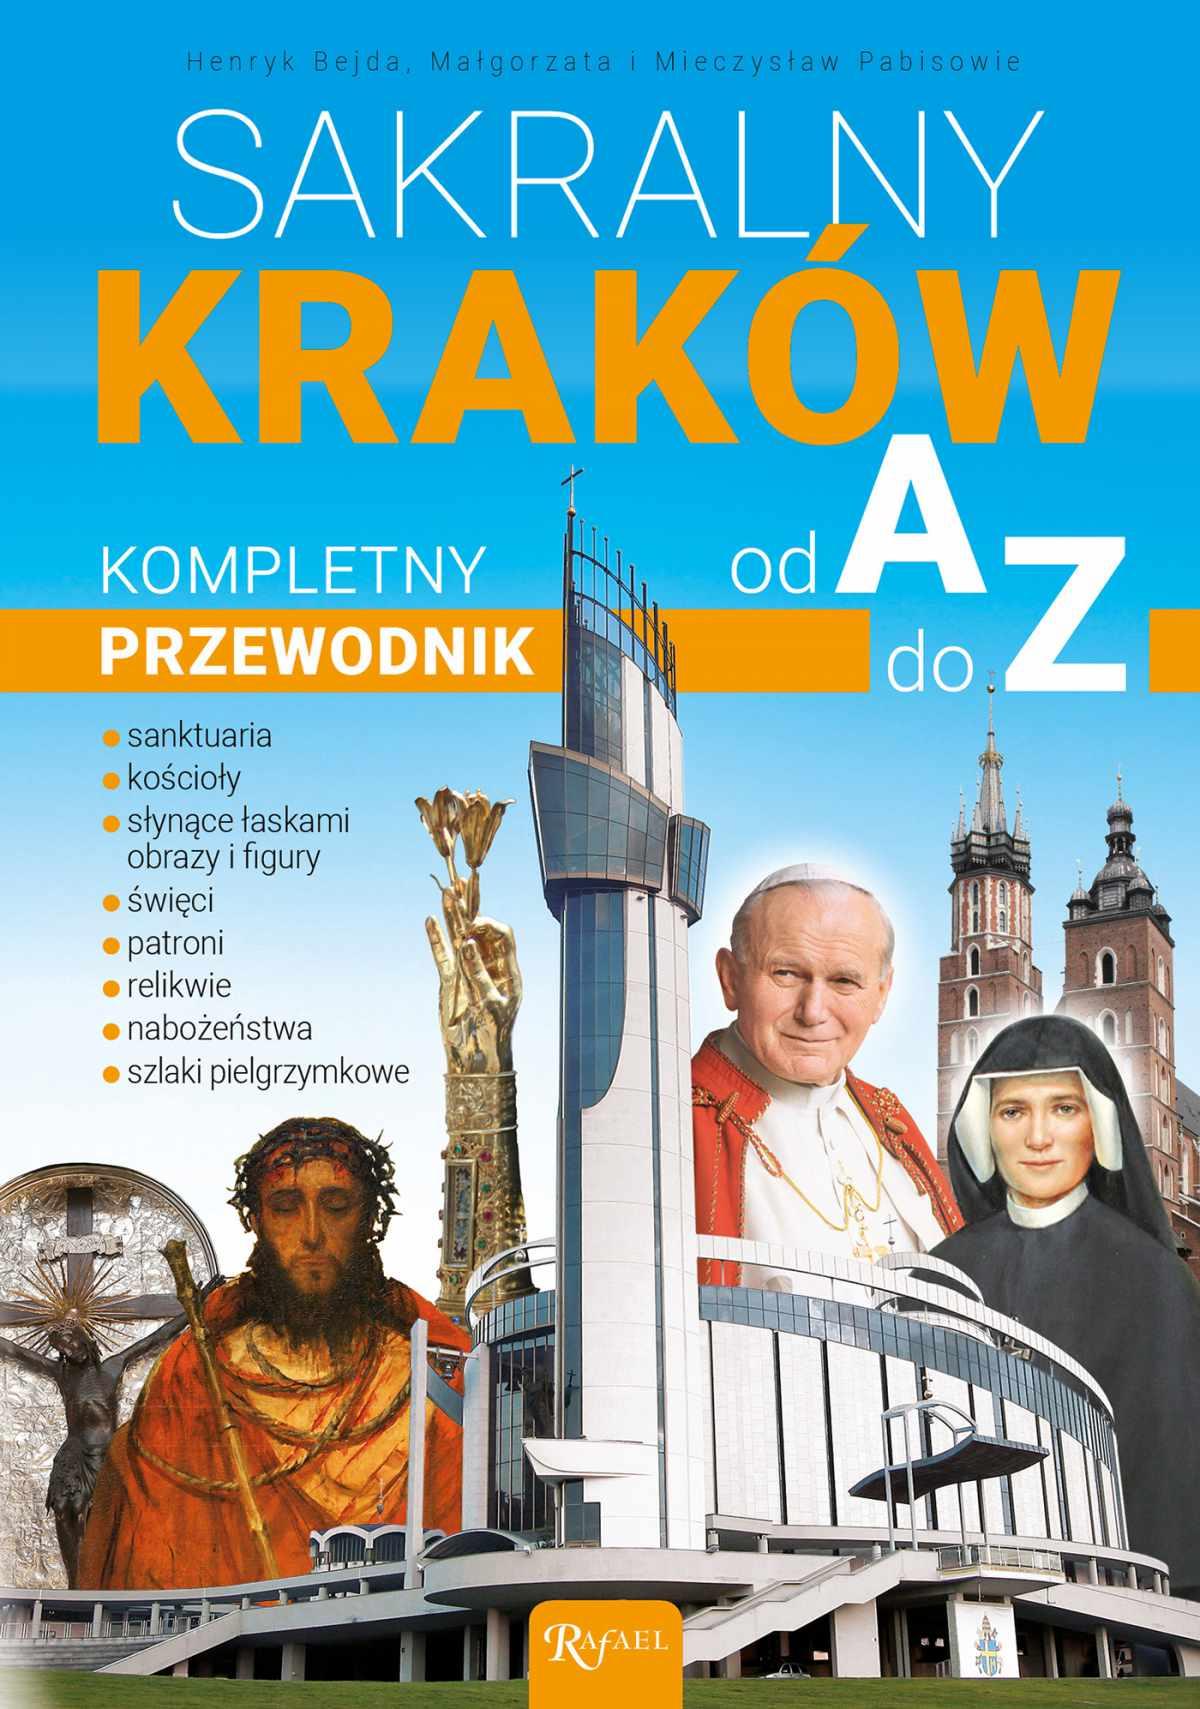 Sakralny Kraków. Kompletny przewodnik od A do Z - Ebook (Książka na Kindle) do pobrania w formacie MOBI